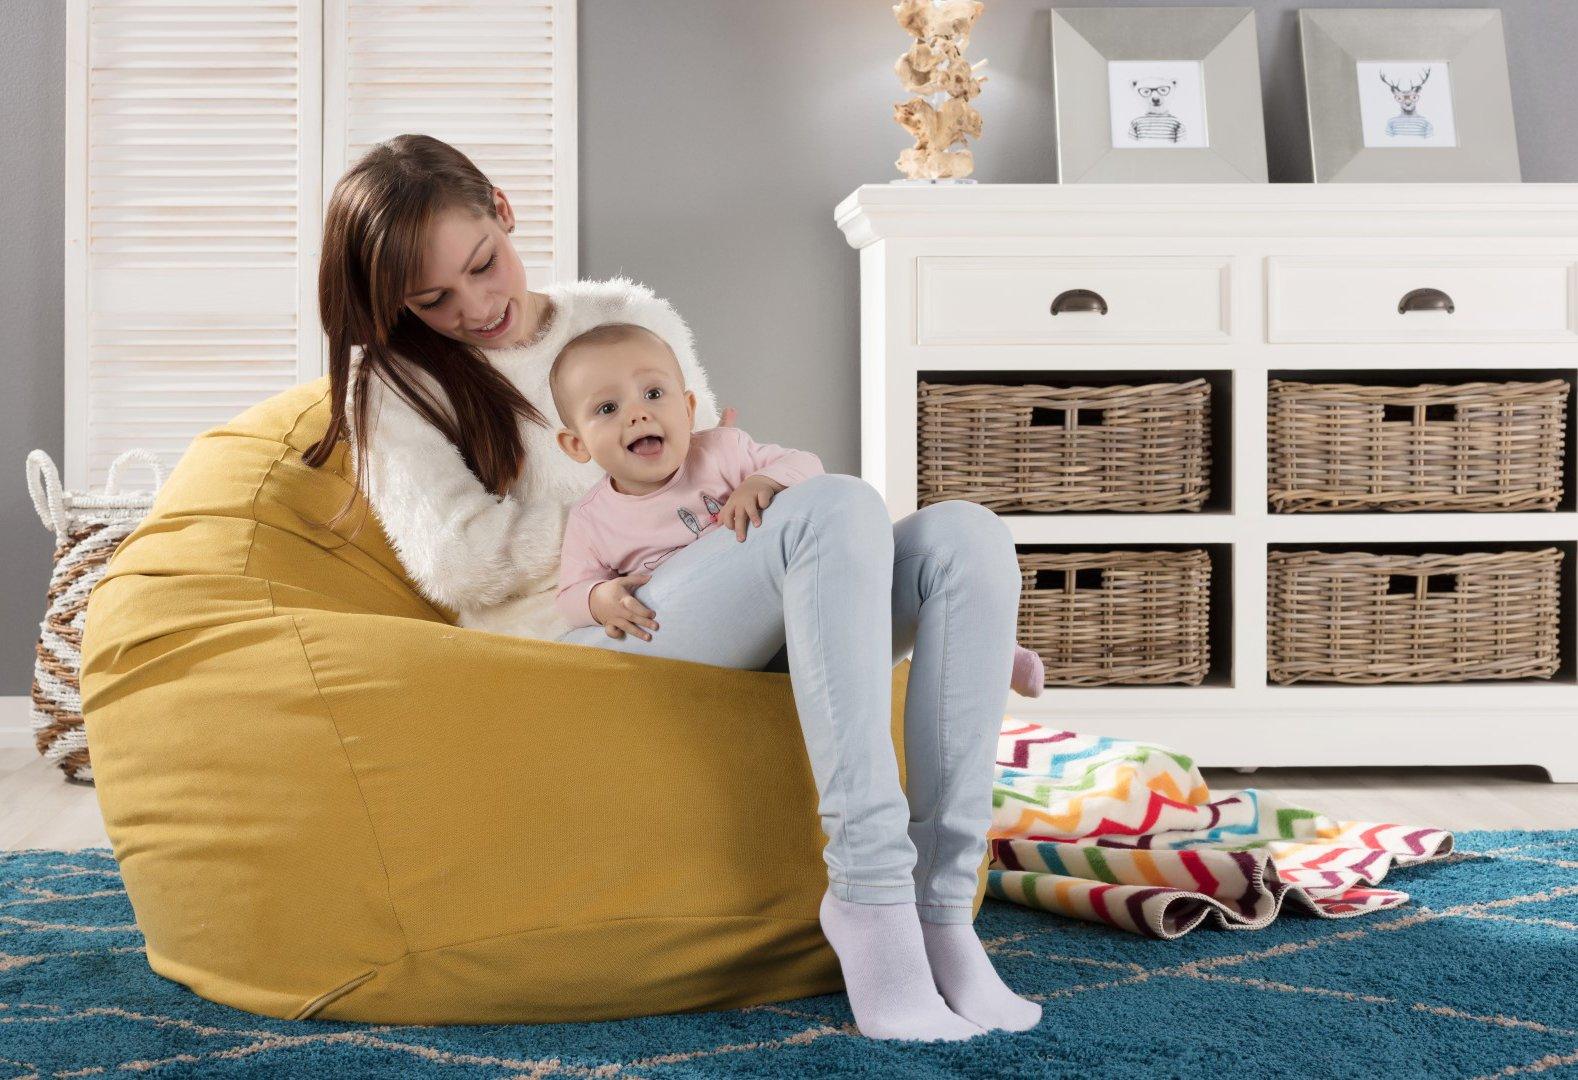 Pokój dziecka w intensywnych kolorach